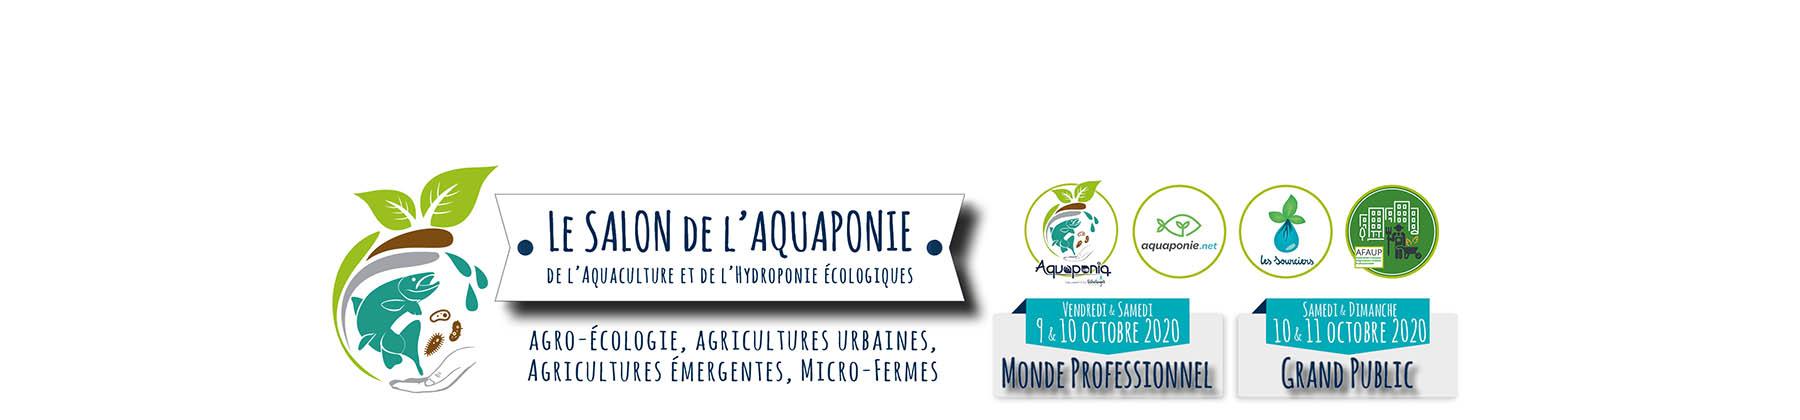 Aquaponia-Aquaponie-net-les-sourciers-afaup-Salon-Aquaponie-sur-Echologia-2020-v8-LD